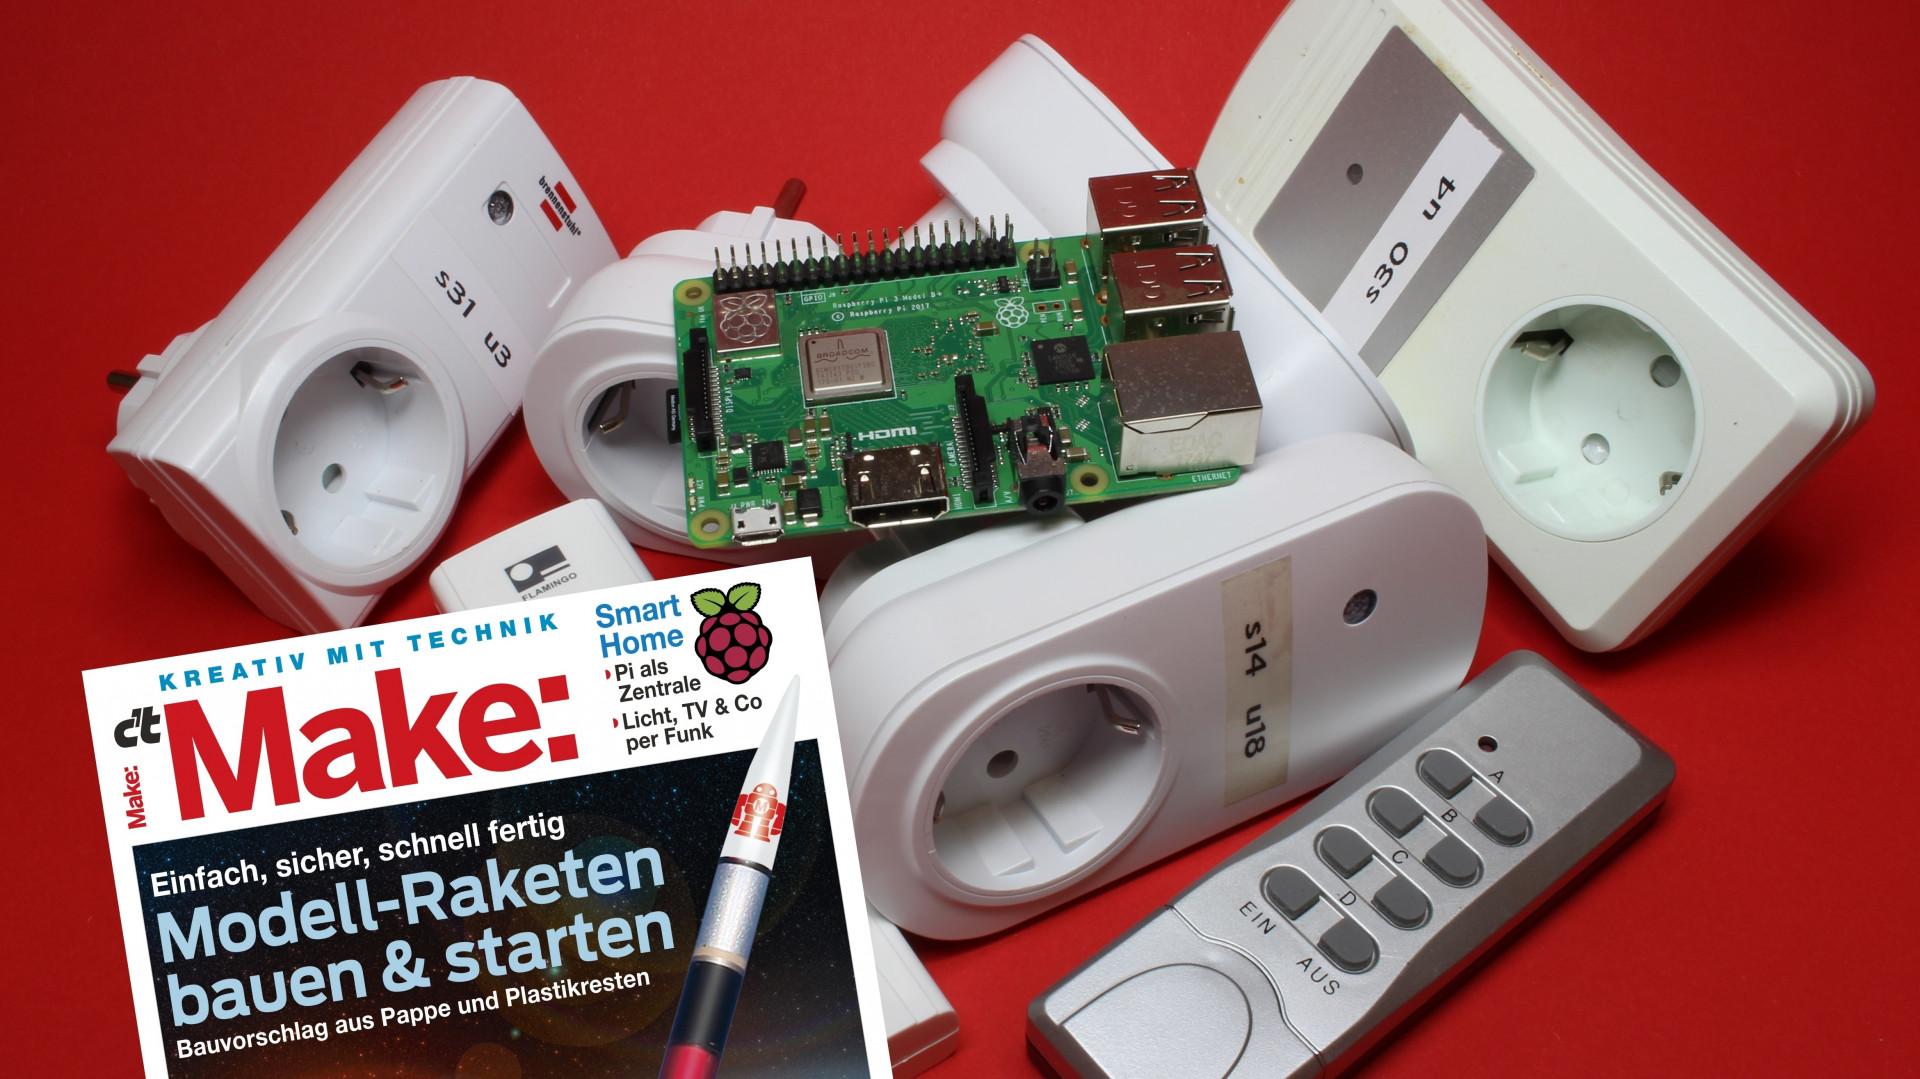 Smart Home: Pi steuert Funksteckdosen